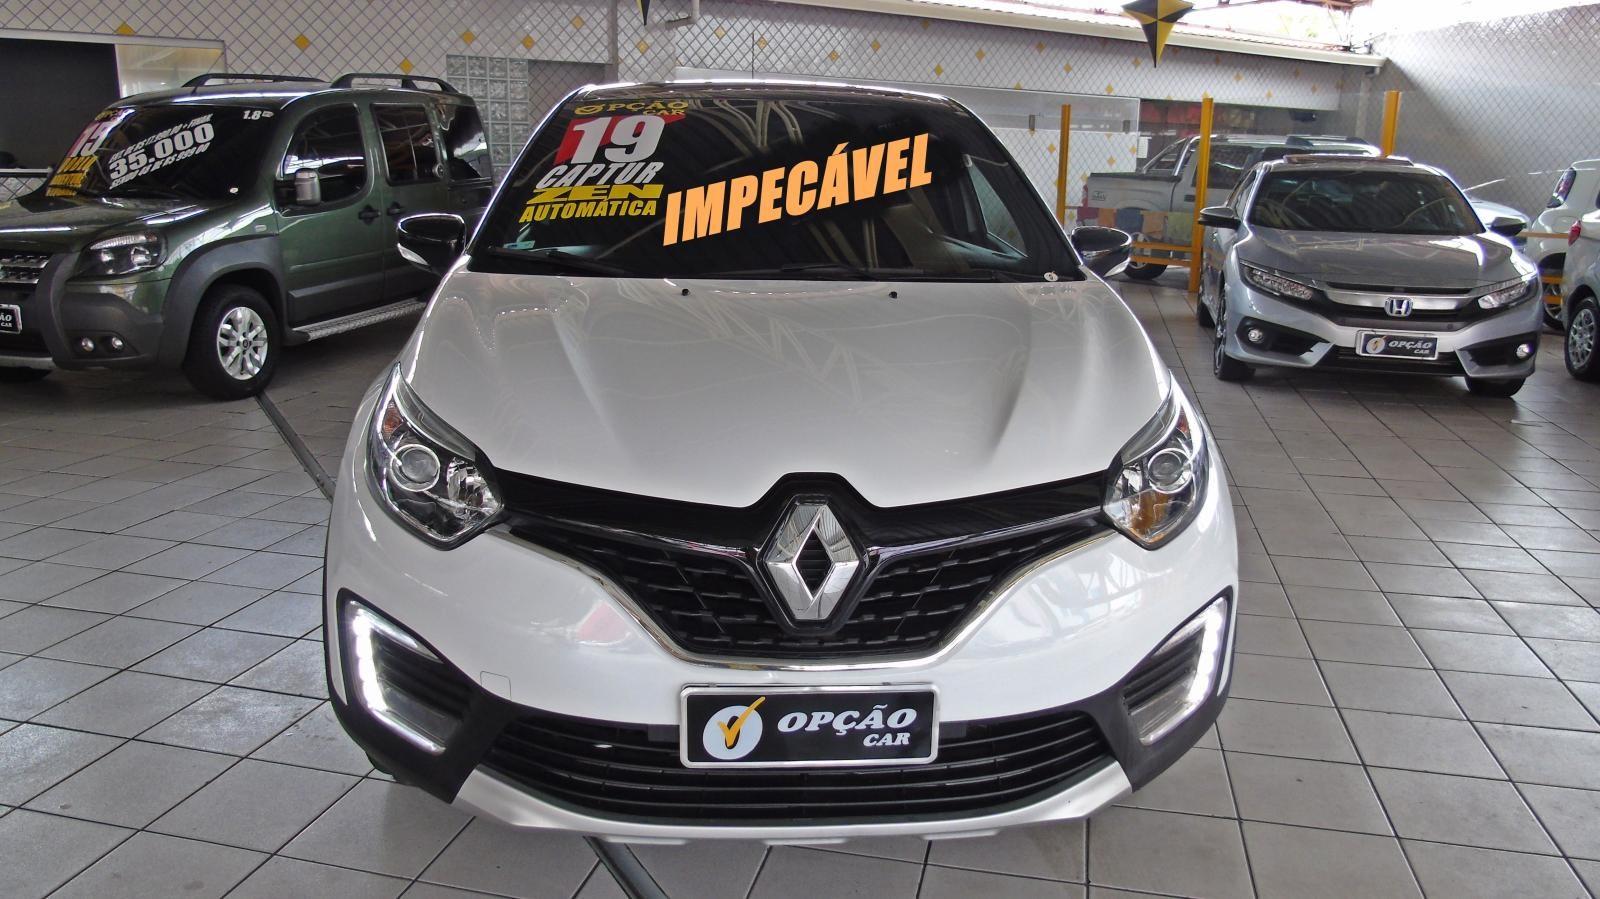 //www.autoline.com.br/carro/renault/captur-16-zen-16v-flex-4p-automatico/2019/sao-paulo-sp/12675478